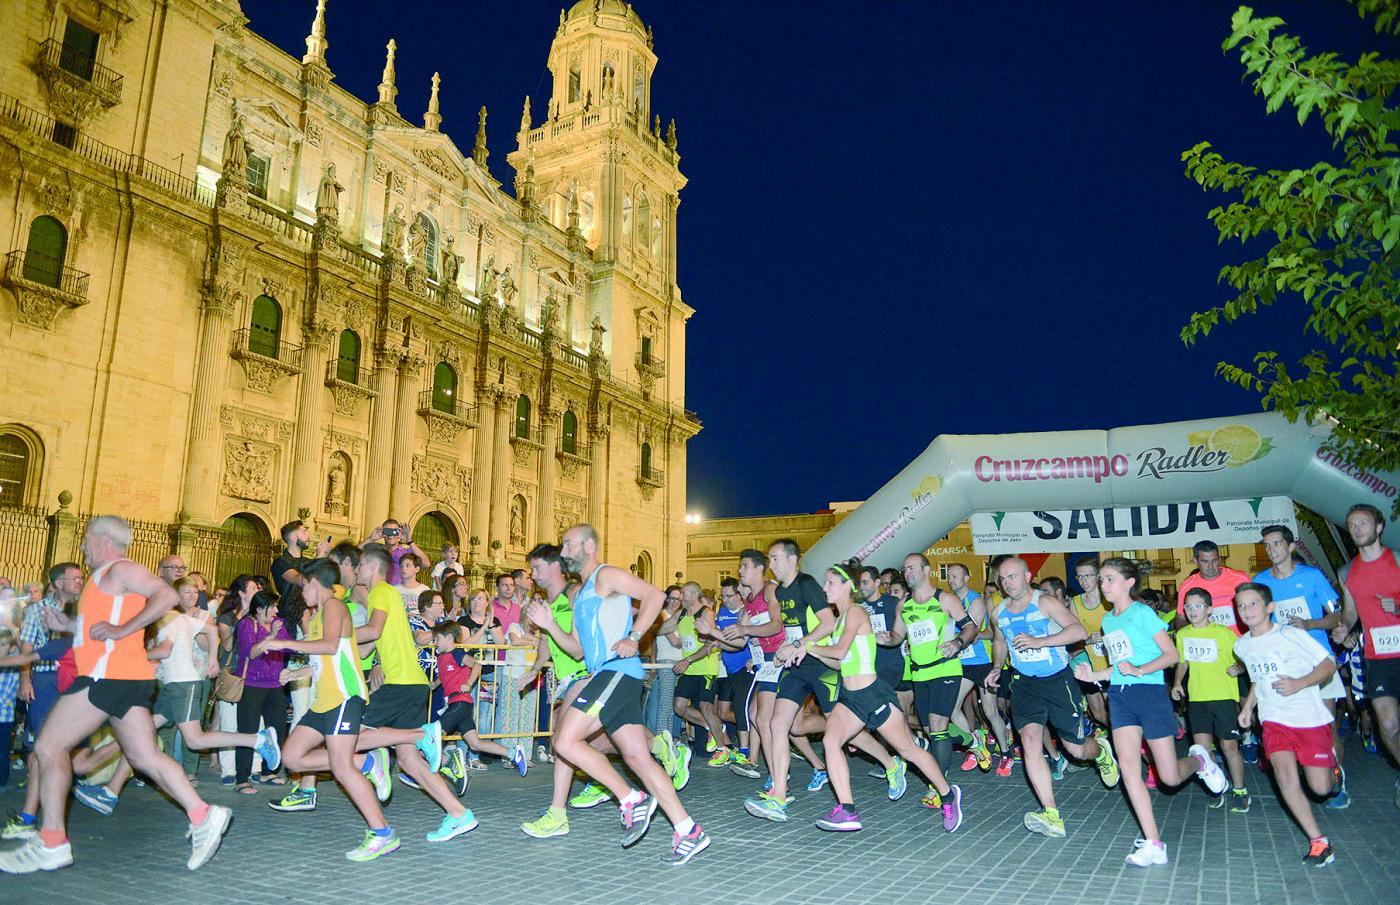 Suspendidas las carreras populares en Sevilla